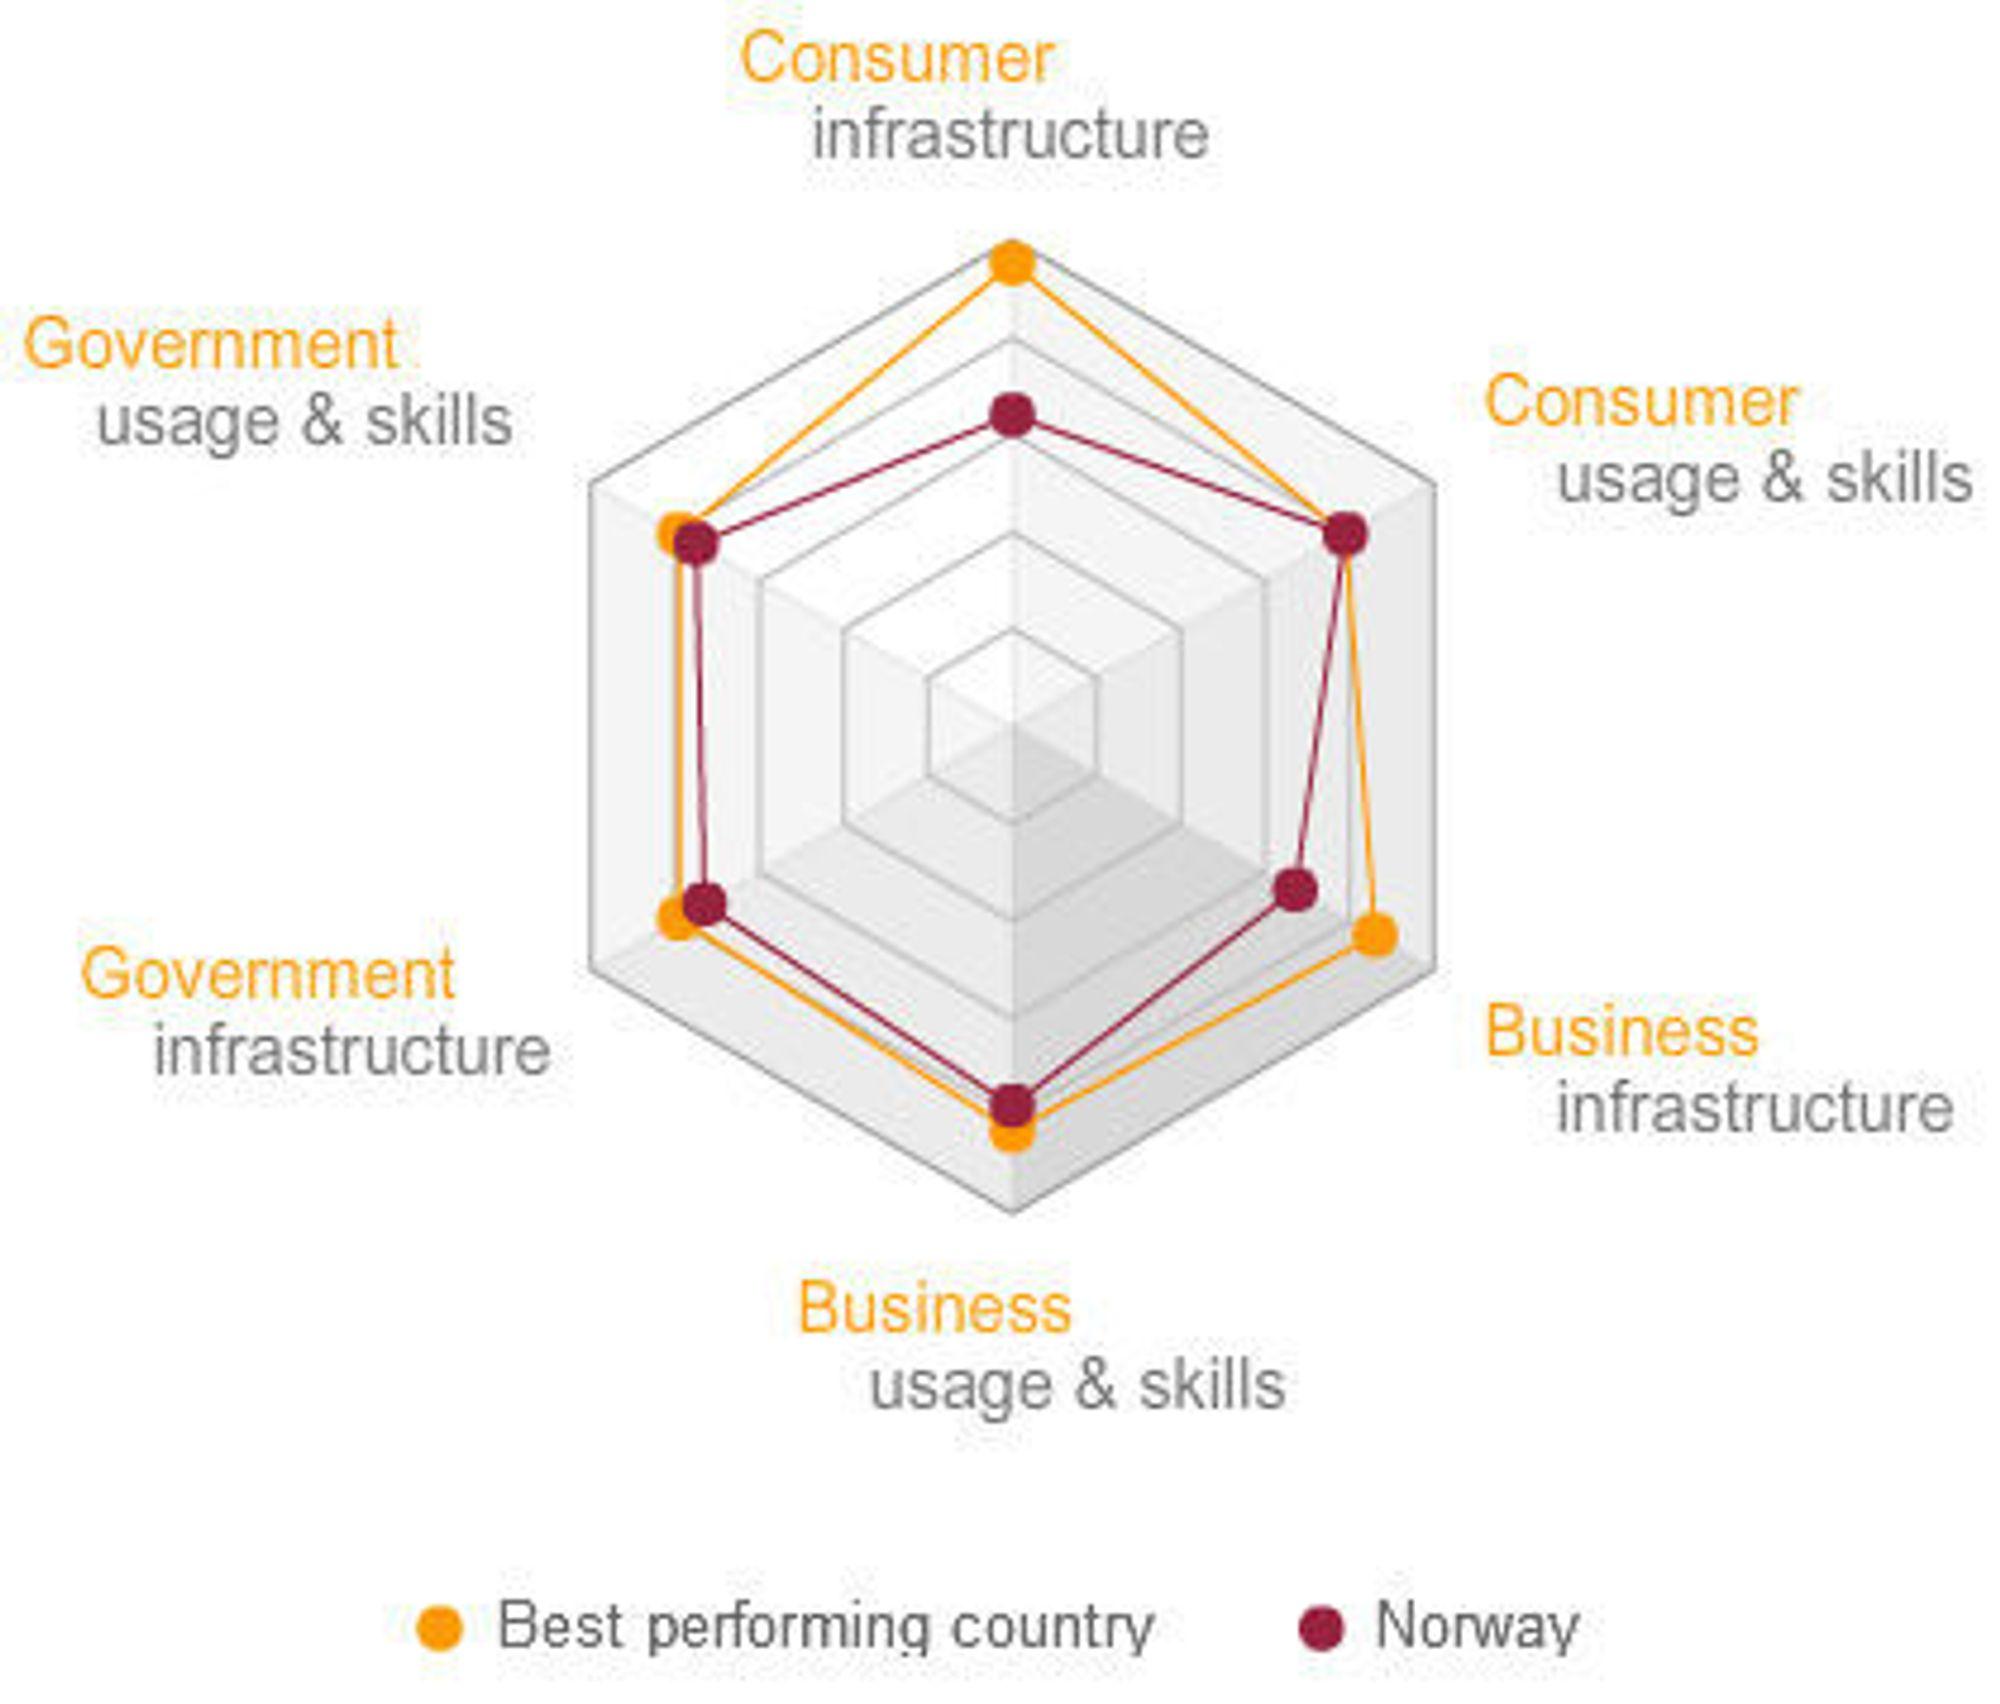 I forhold til det beste landet, Sverige, ligger Norge etter innen infrastruktur, for både bedrifter og forbrukere.